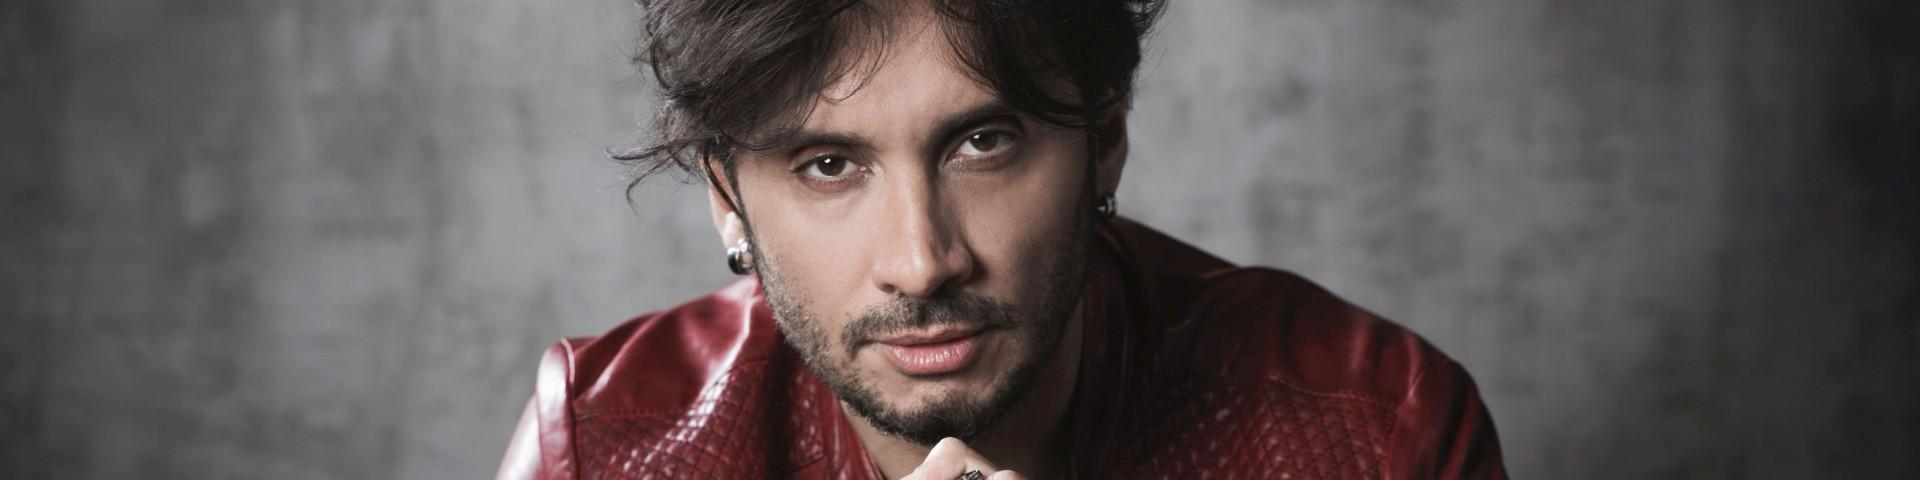 Fabrizio Moro, nuovi concerti annunciati per il 2019